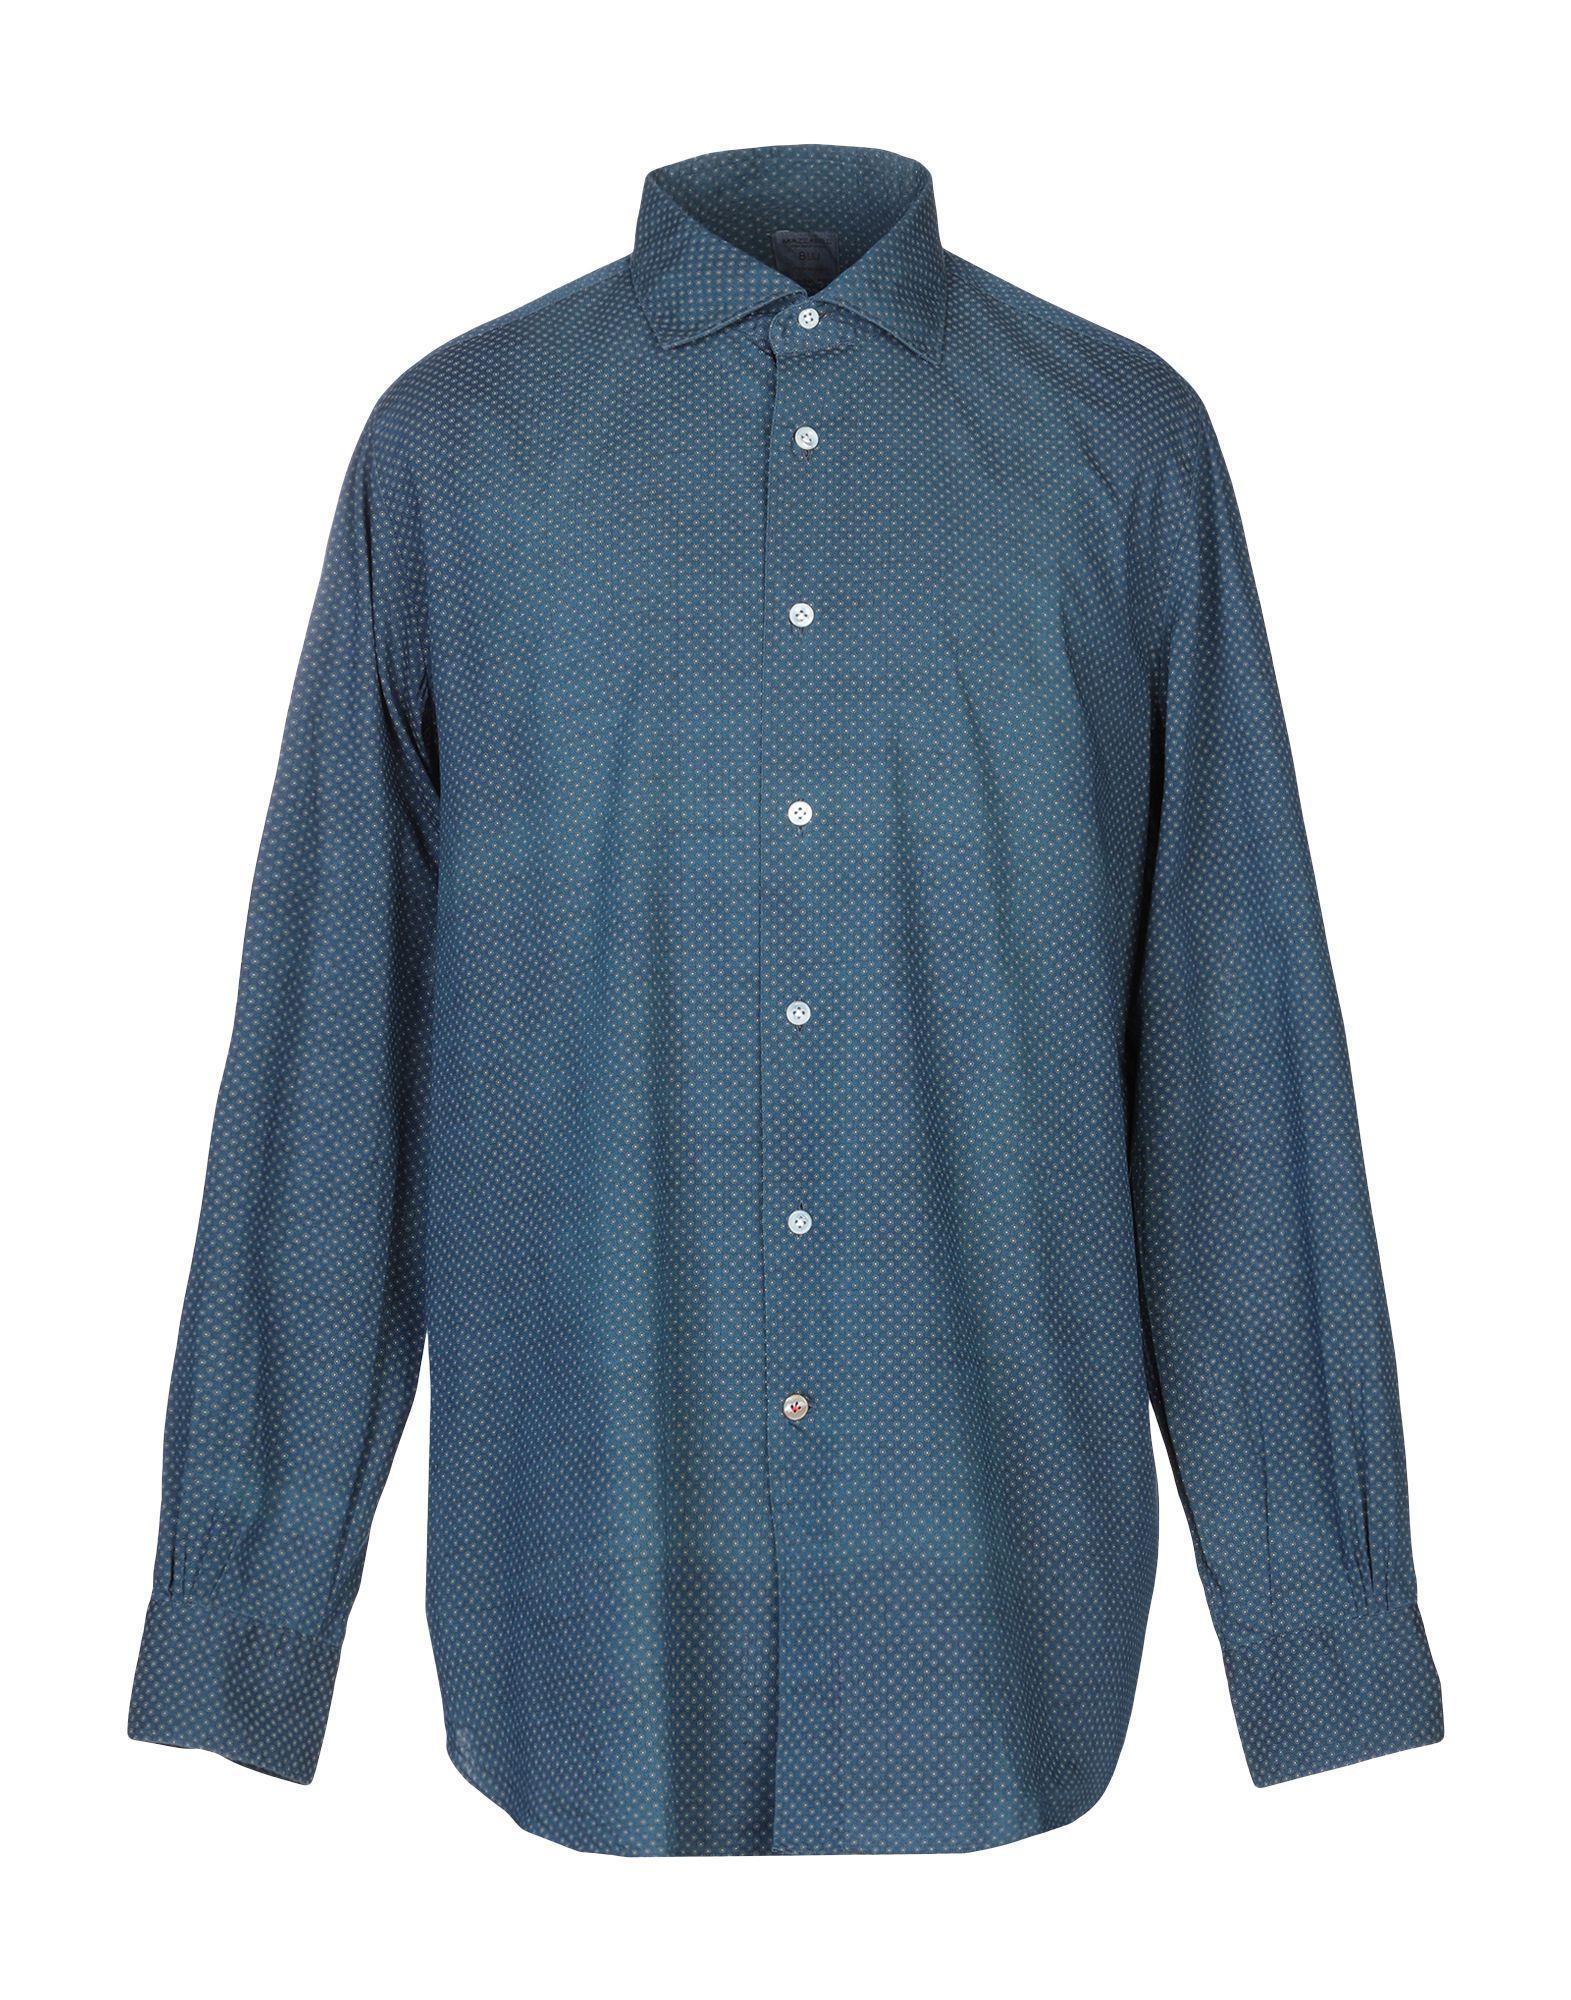 《送料無料》MAZZARELLI メンズ シャツ ブルーグレー 43 コットン 100%